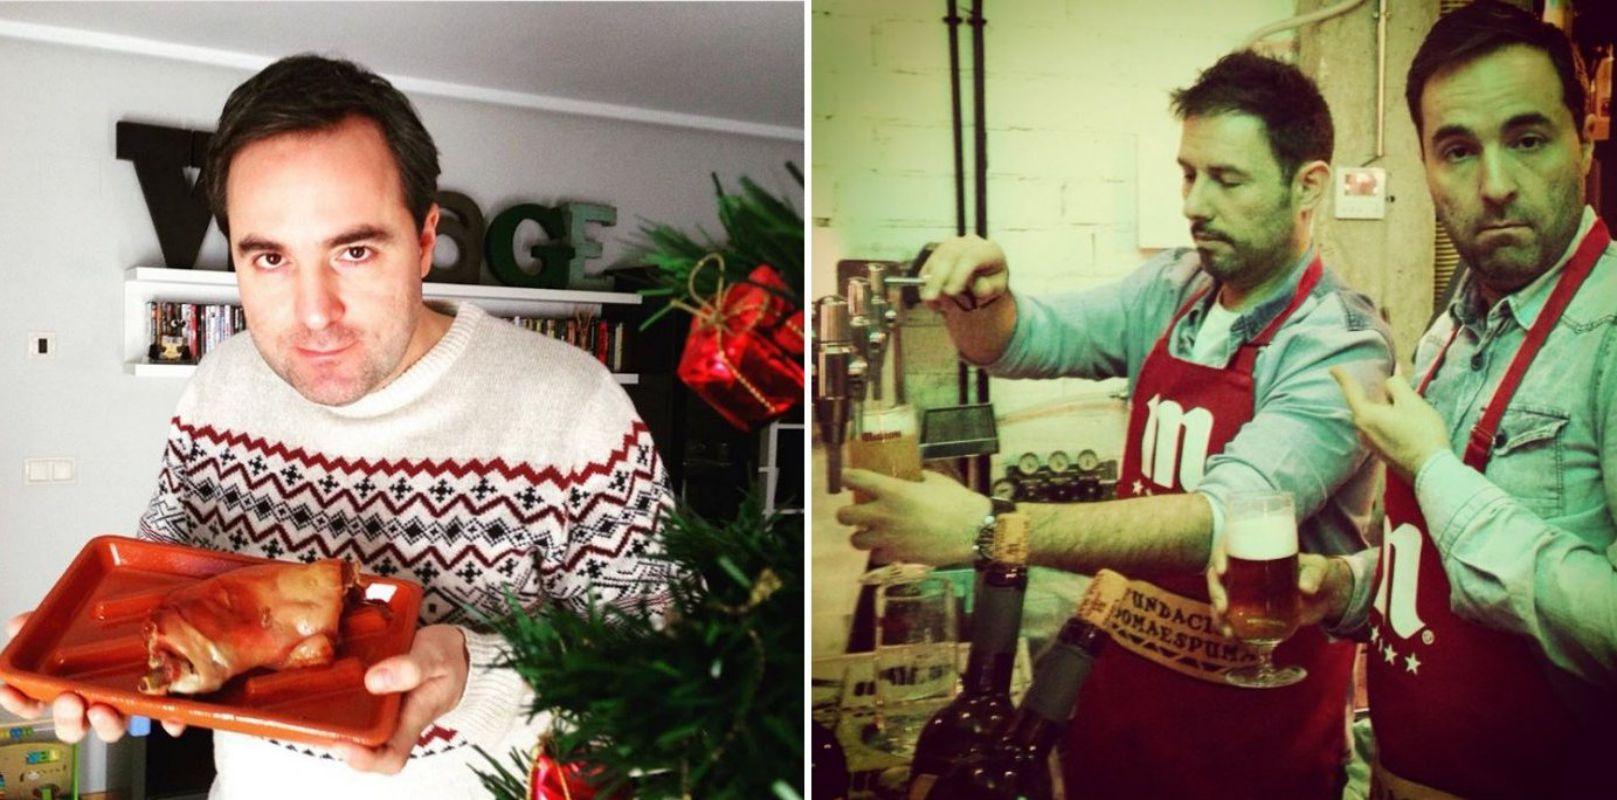 No se considera cocinillas aunque lo intenta. Aquí con un cochinillo navideño y tirando cerveza con Iñaki Urrutia. Fotos: Facebook.